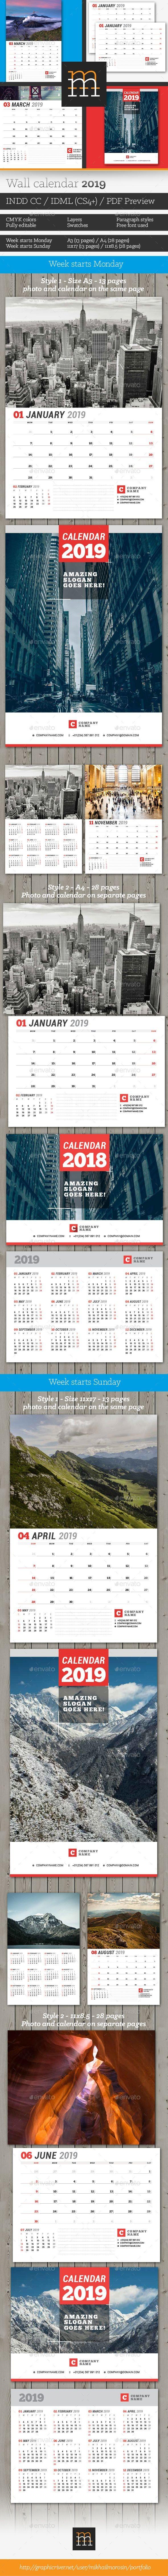 Calendario 2019 Fc Barcelona Más Reciente 17 Best Calendar 2019 Images On Pinterest Of Calendario 2019 Fc Barcelona Más Actual Calendari 2018 2019